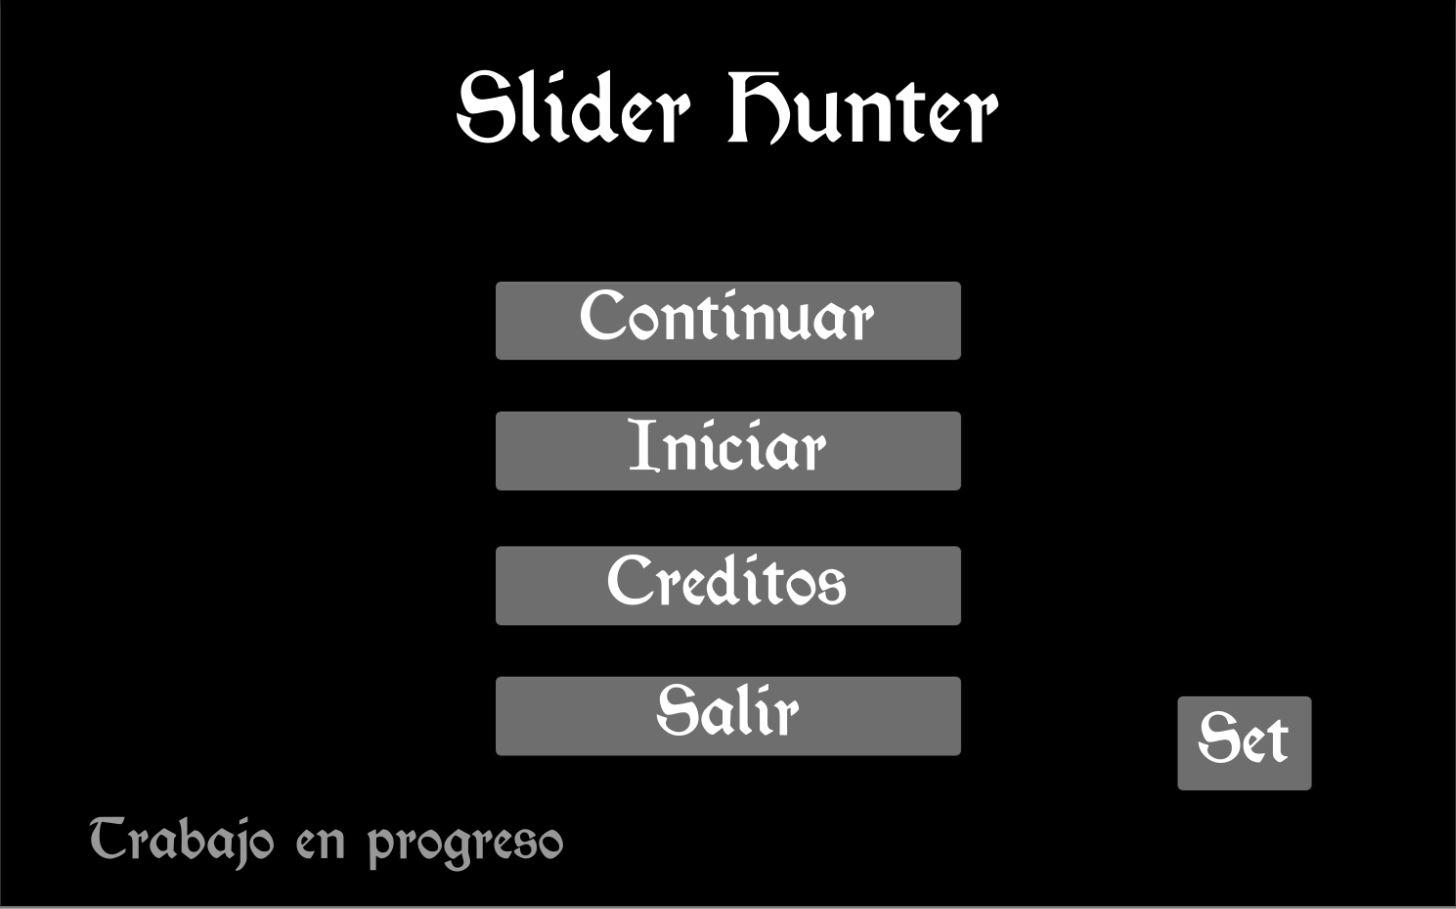 Slider Hunter